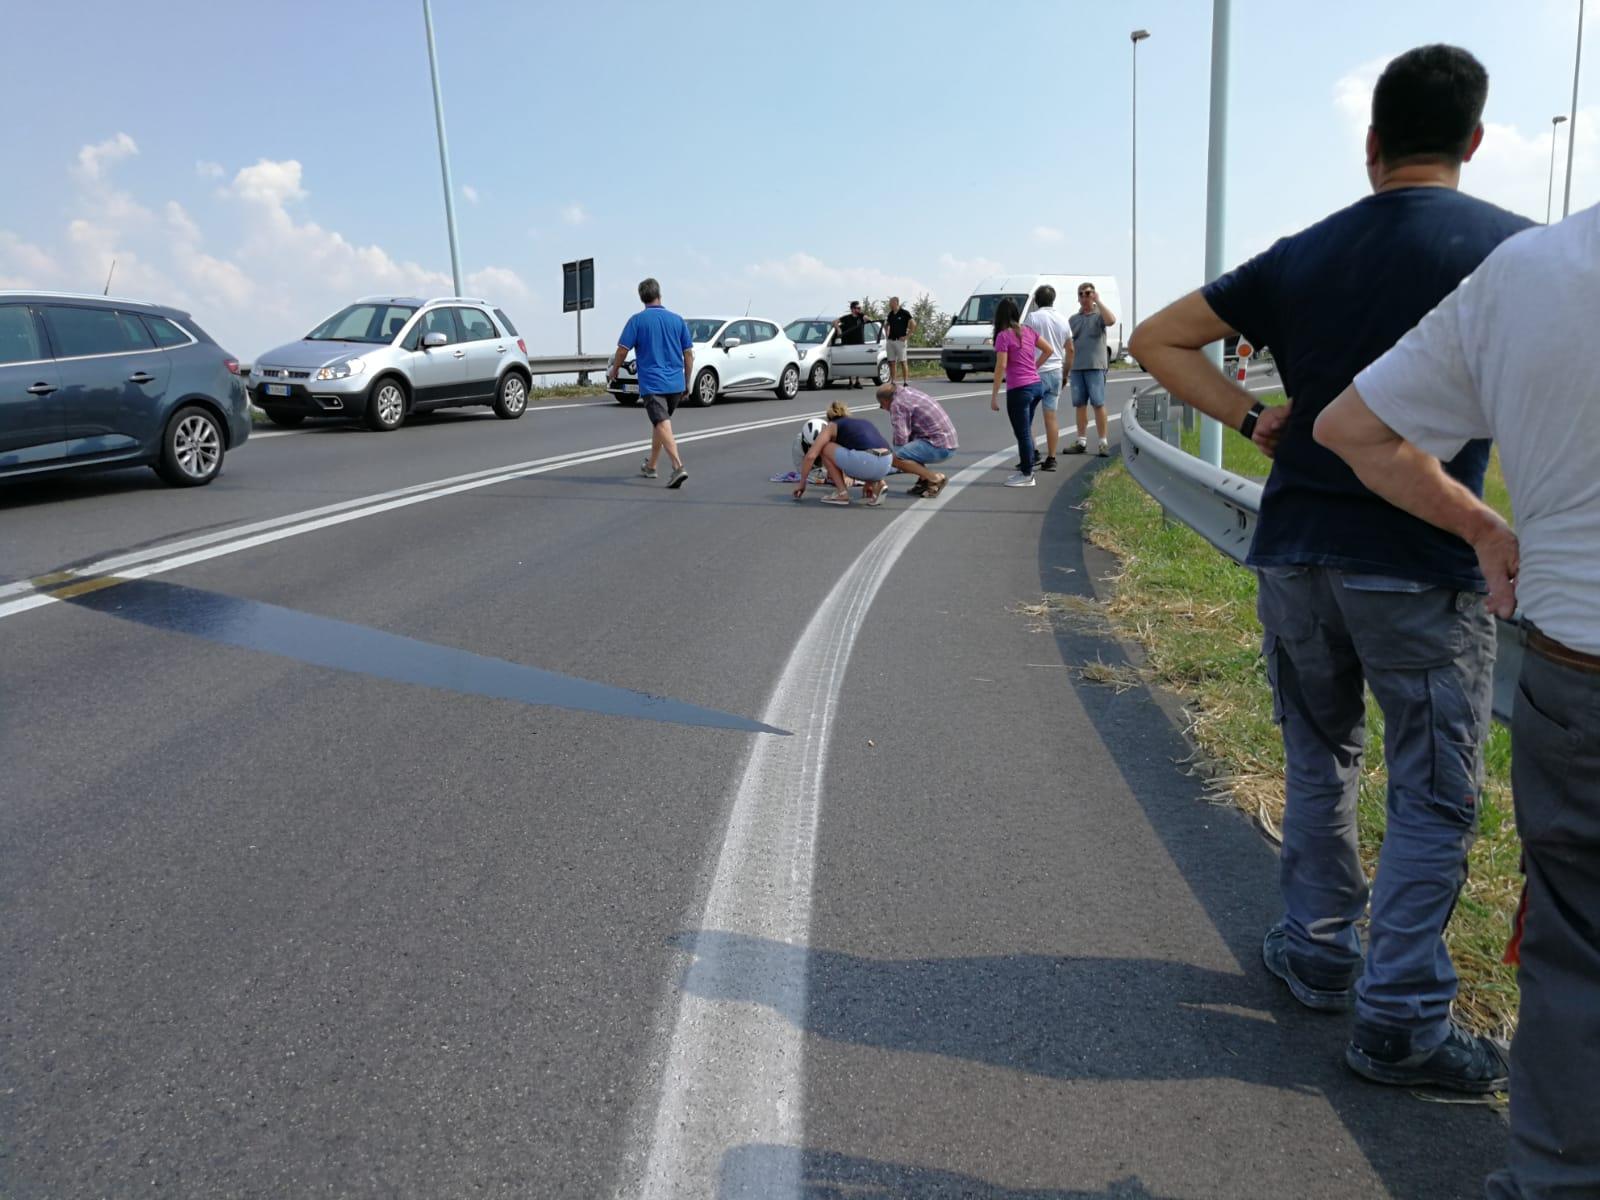 Motociclista scivola in piena curva all'uscita della ...